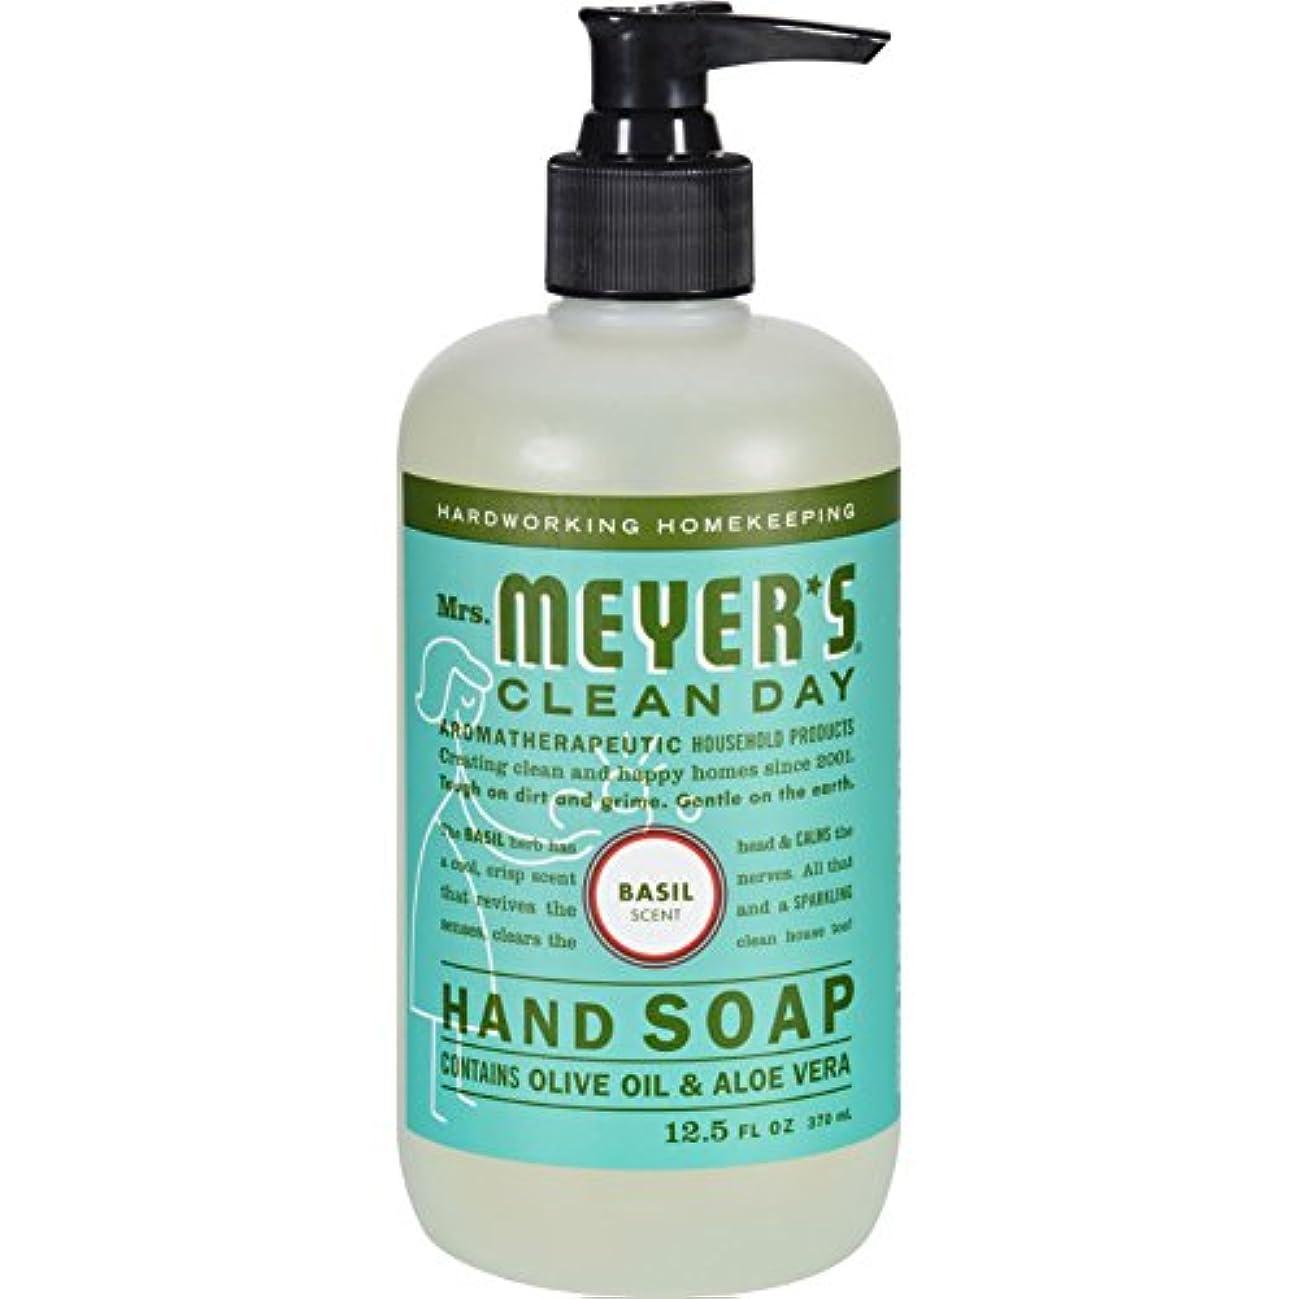 宇宙飛行士ディスコ欠かせないMRS. MEYER'S HAND SOAP,LIQ,BASIL, 12.5 FZ by Mrs. Meyer's Clean Day